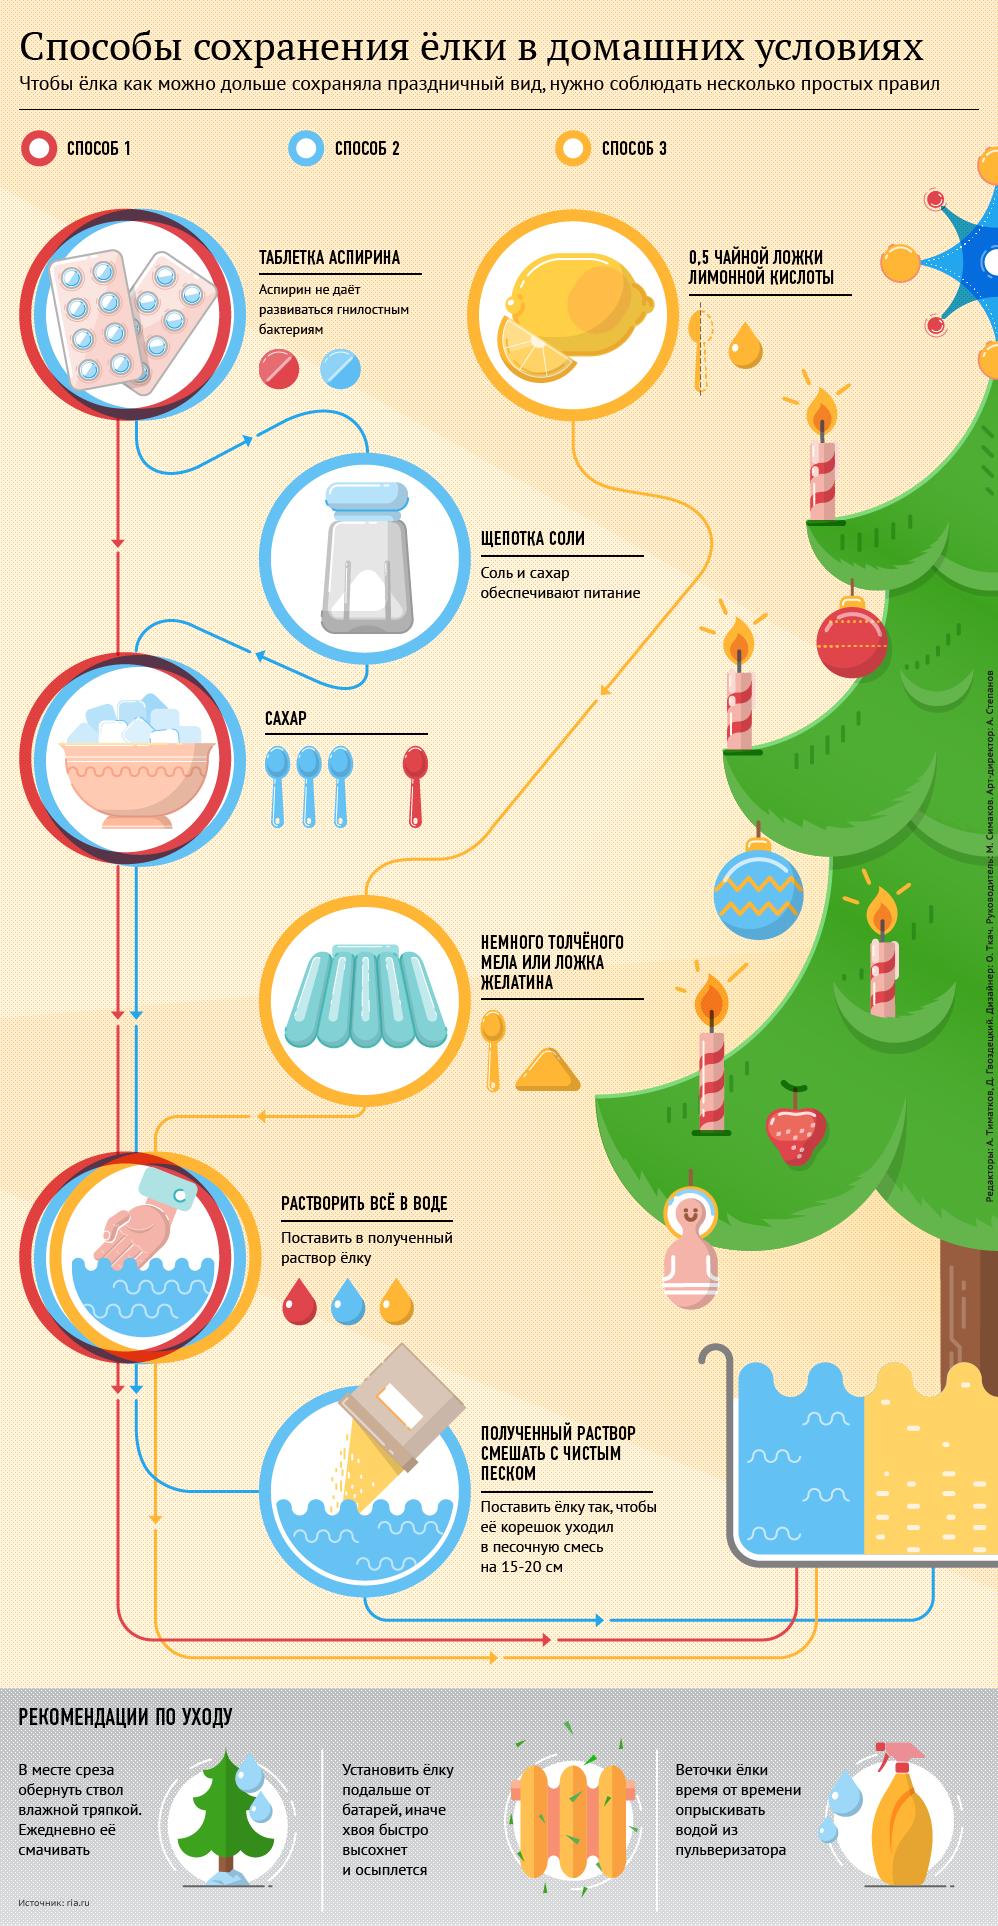 Способы сохранения елки в домашних условиях